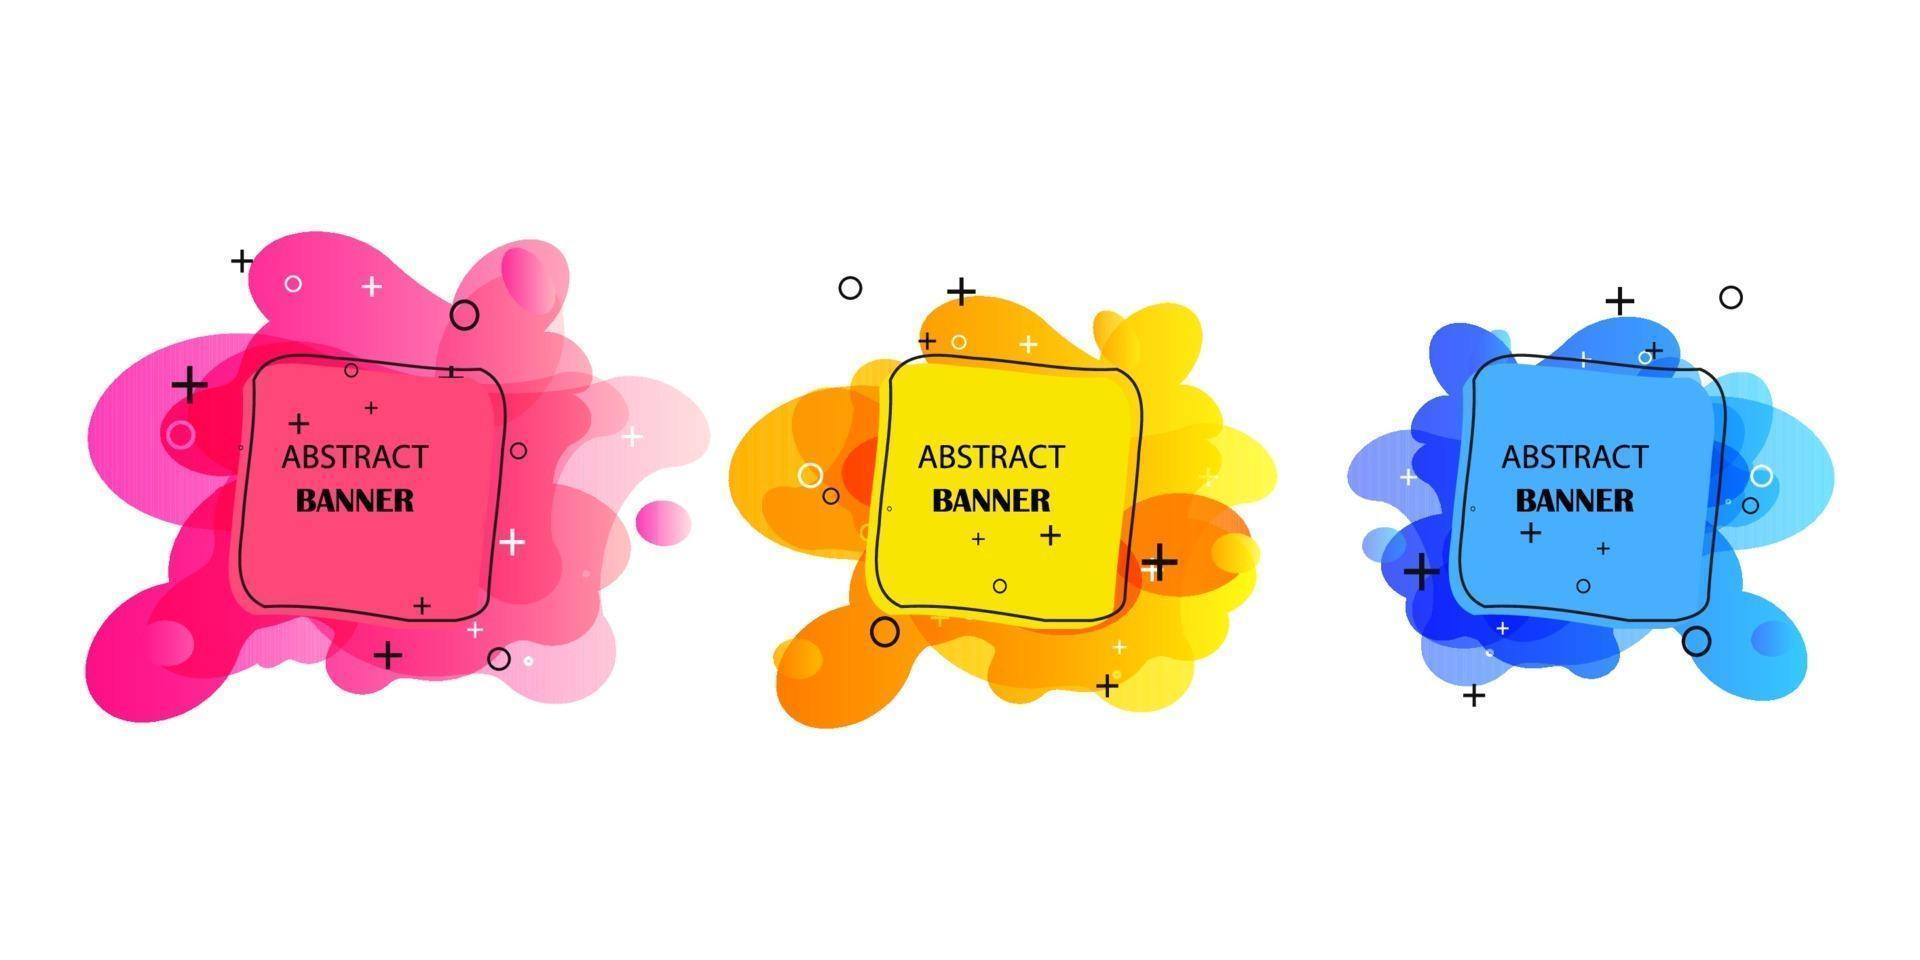 gradient geometriska banners med flytande flytande former. dynamisk vätskedesign för logotyp, flygblad eller present. abstrakt vektor bakgrund